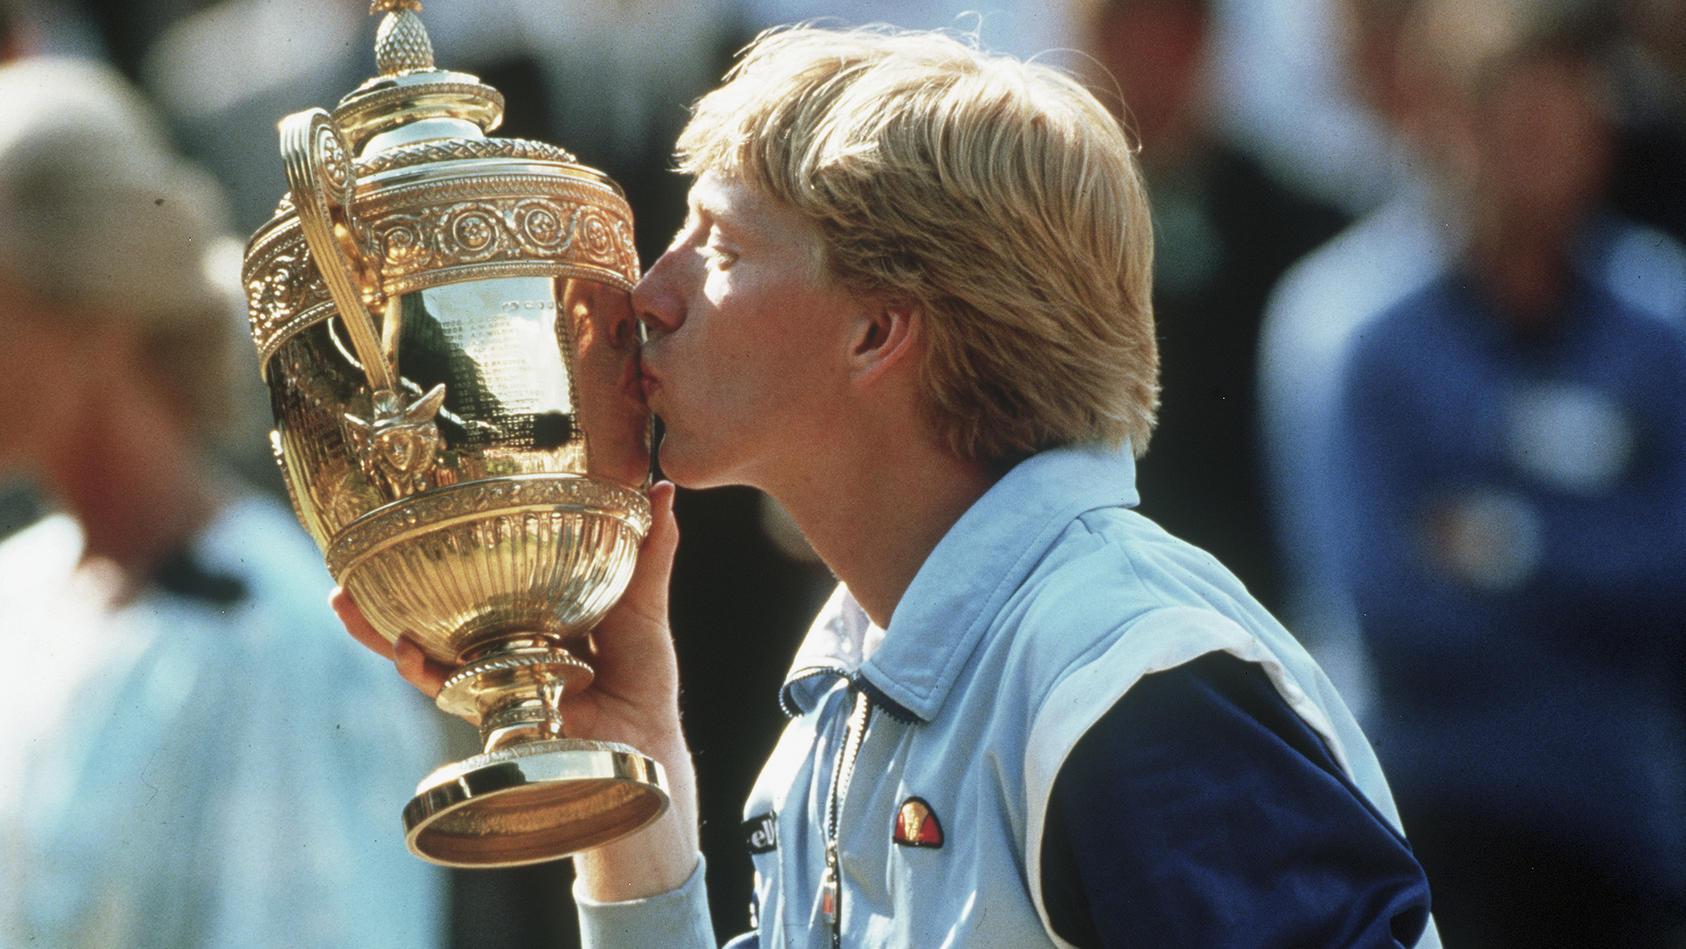 1985 wurde Boris Becker mit 17 Jahren der jüngste Wimbledon-Sieger aller Zeiten.